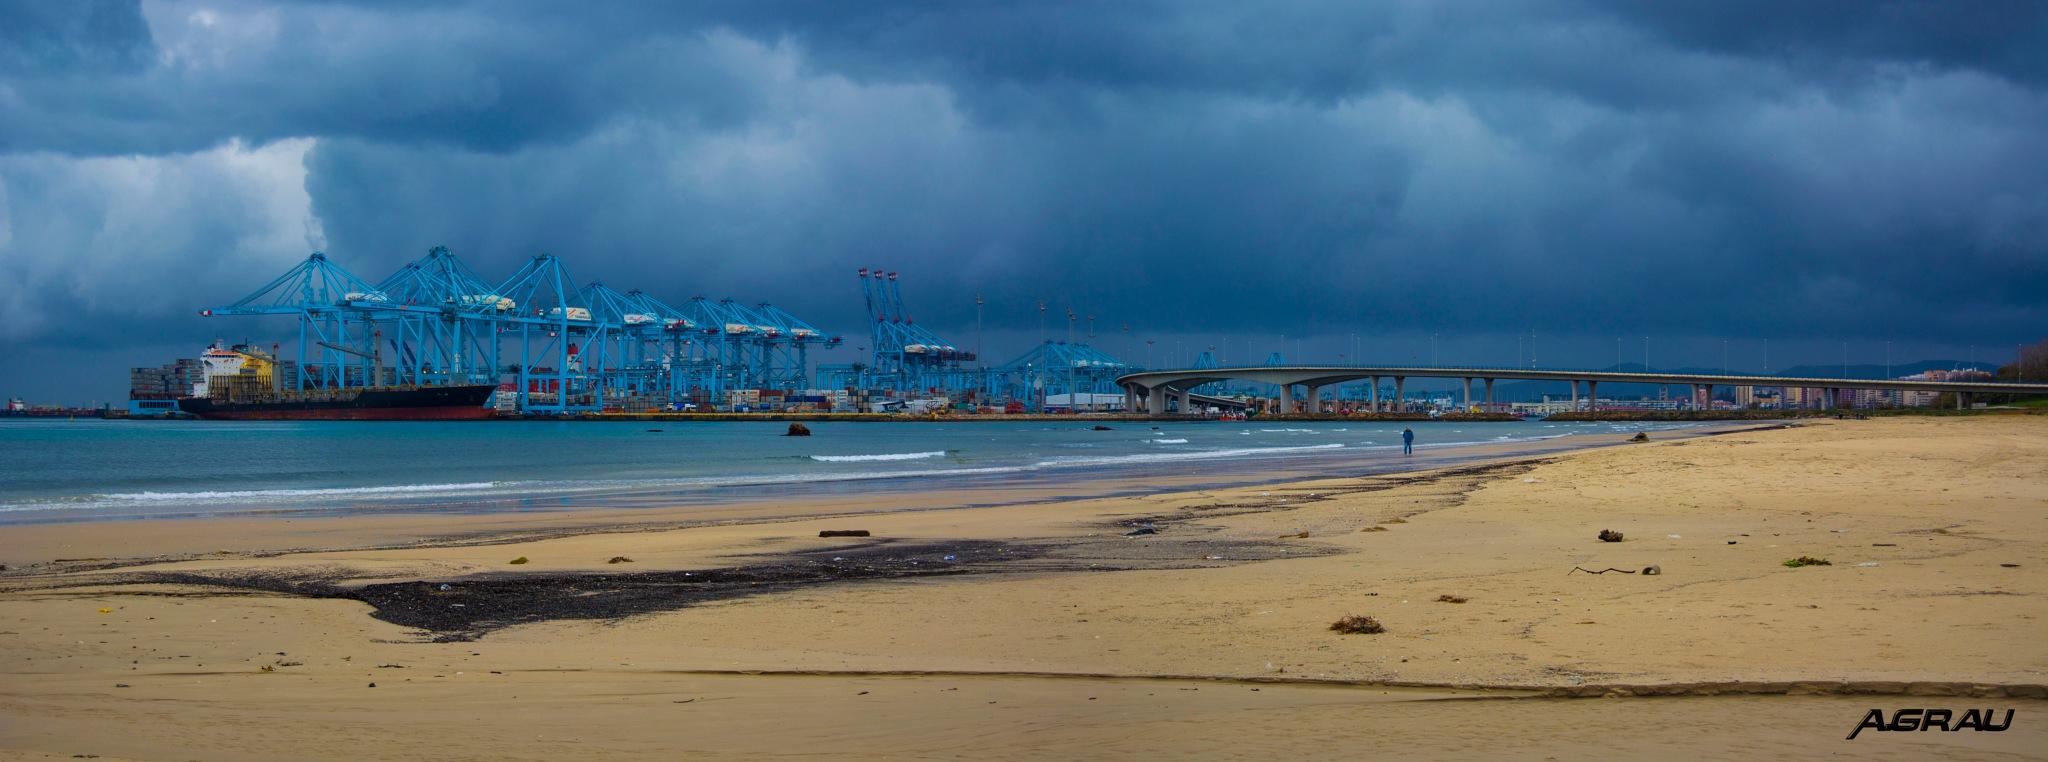 Algeciras - Puerto by Alberto grau